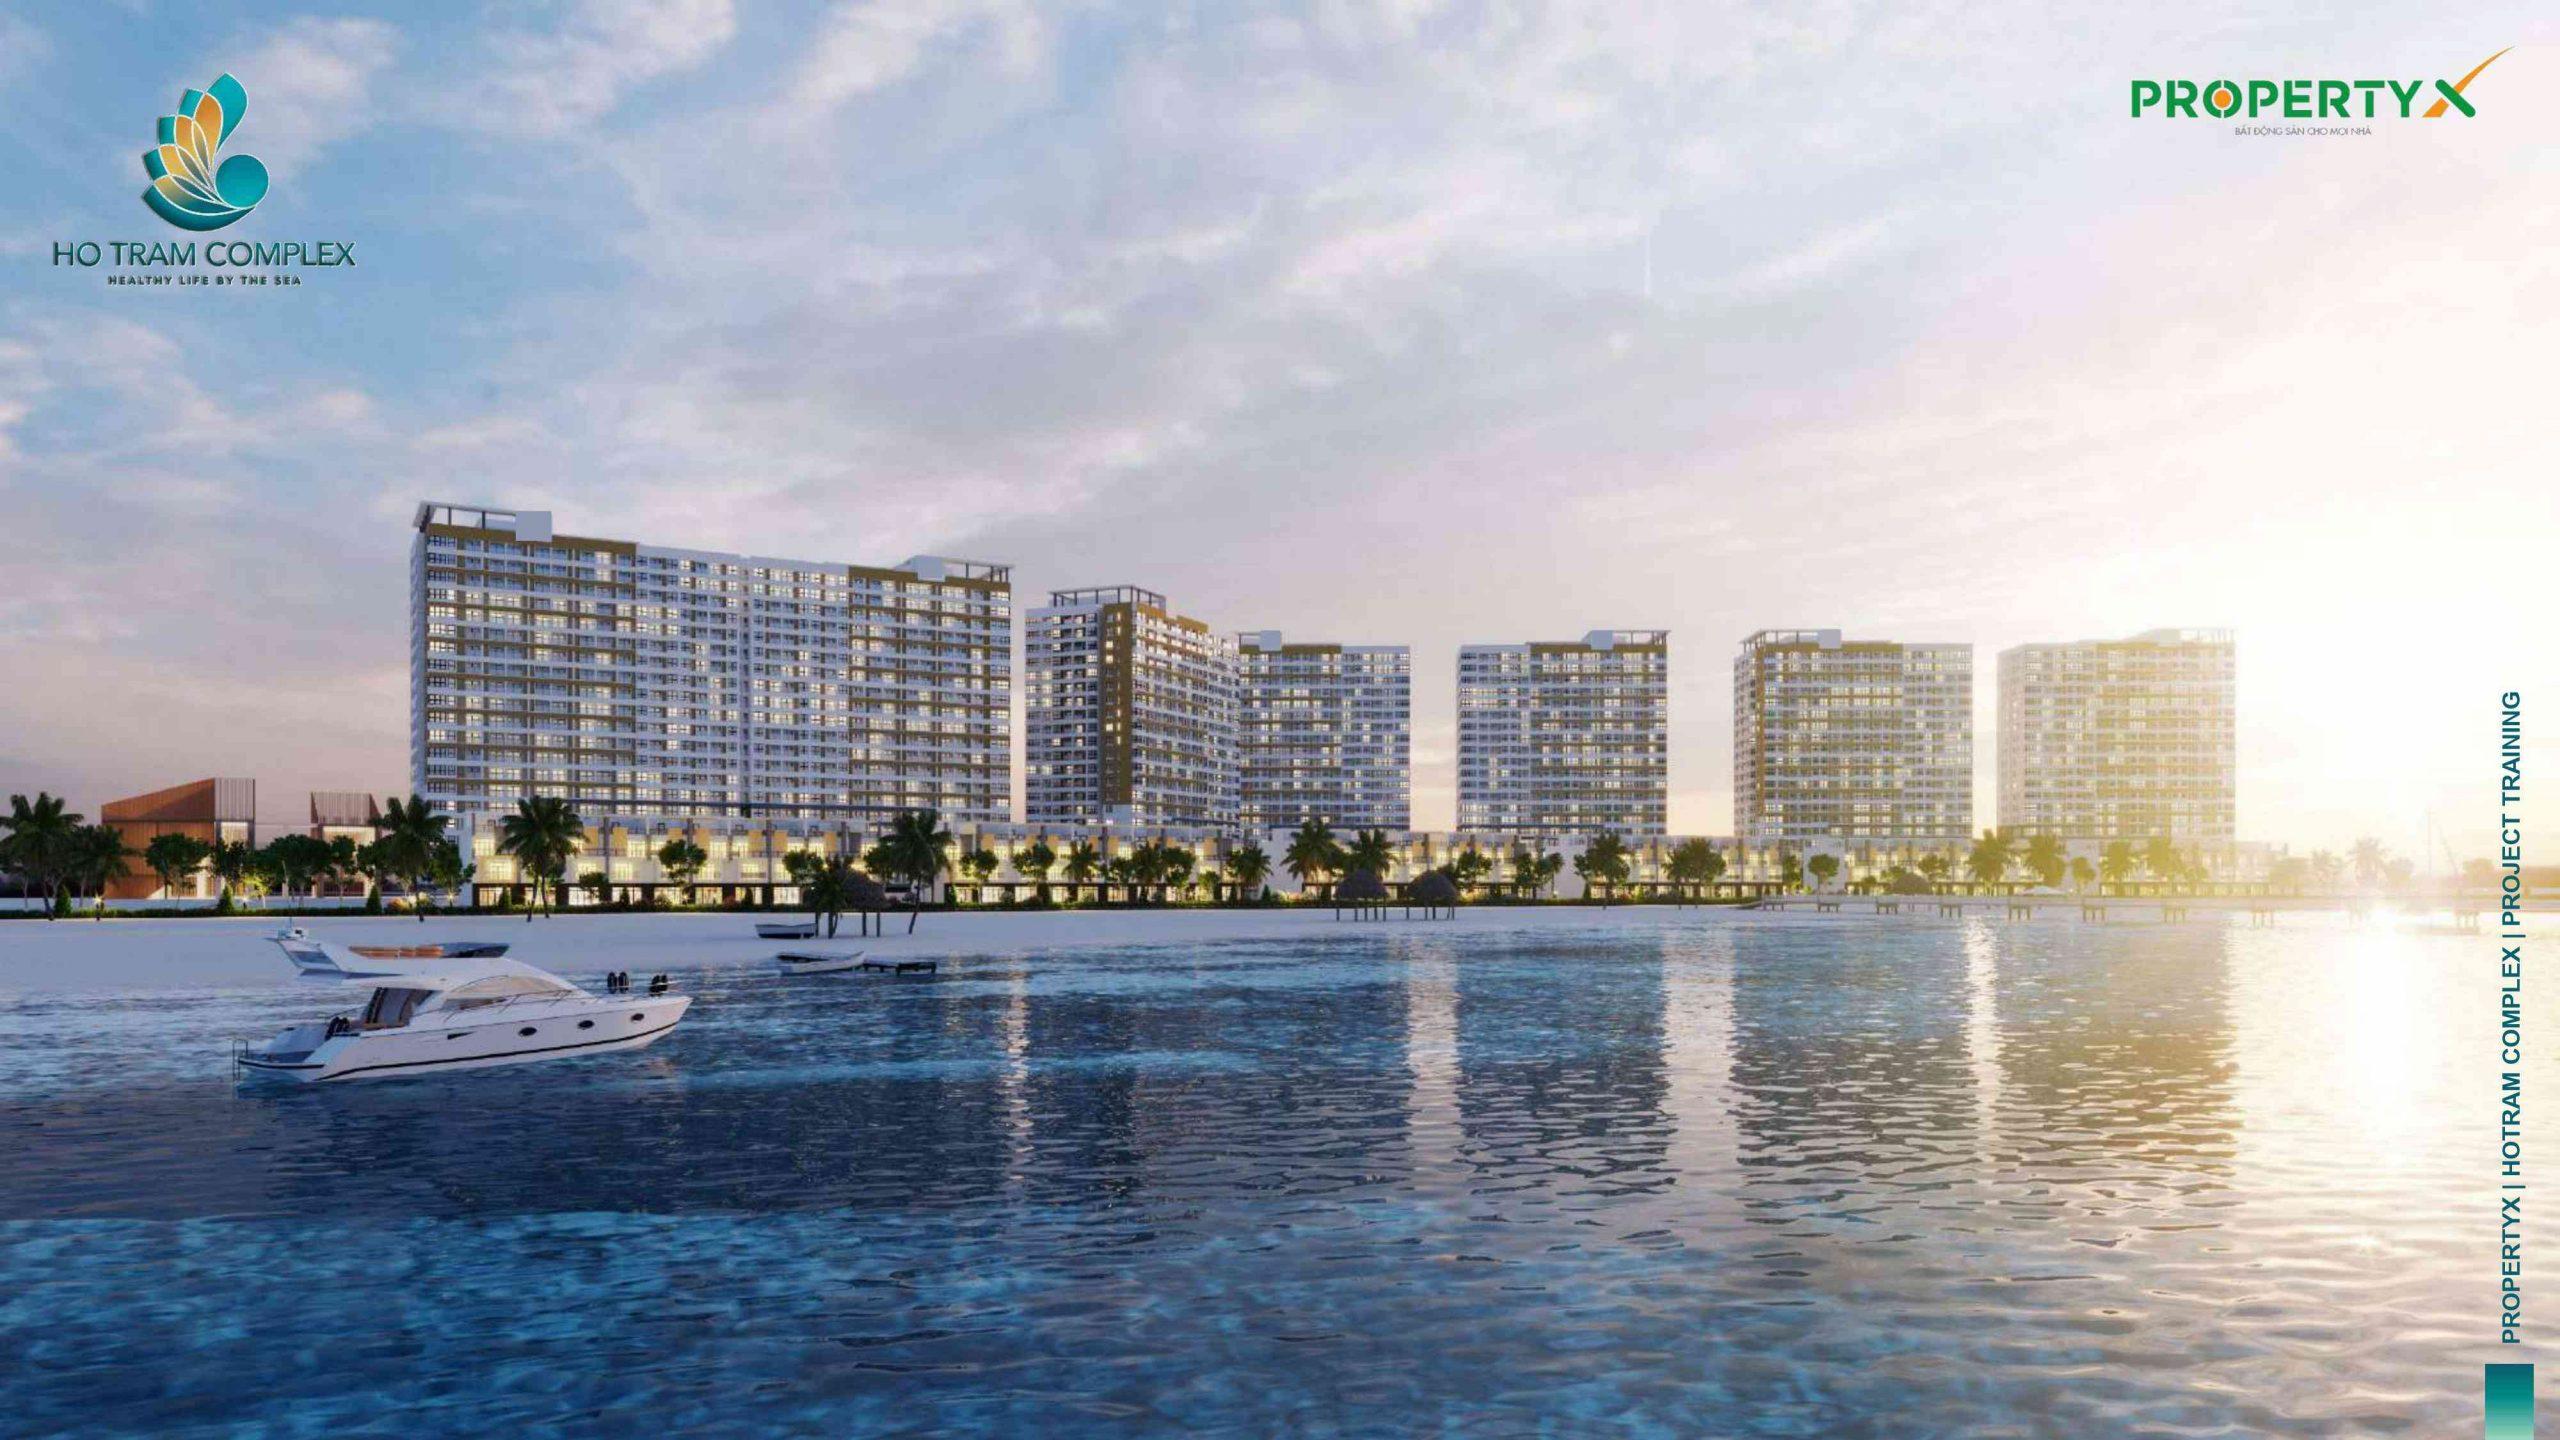 CĂN HỘ 5* HỒ TRÀM COMPLEX I HƯNG THỊNH I căn hộ biển sở hữu lâu dài